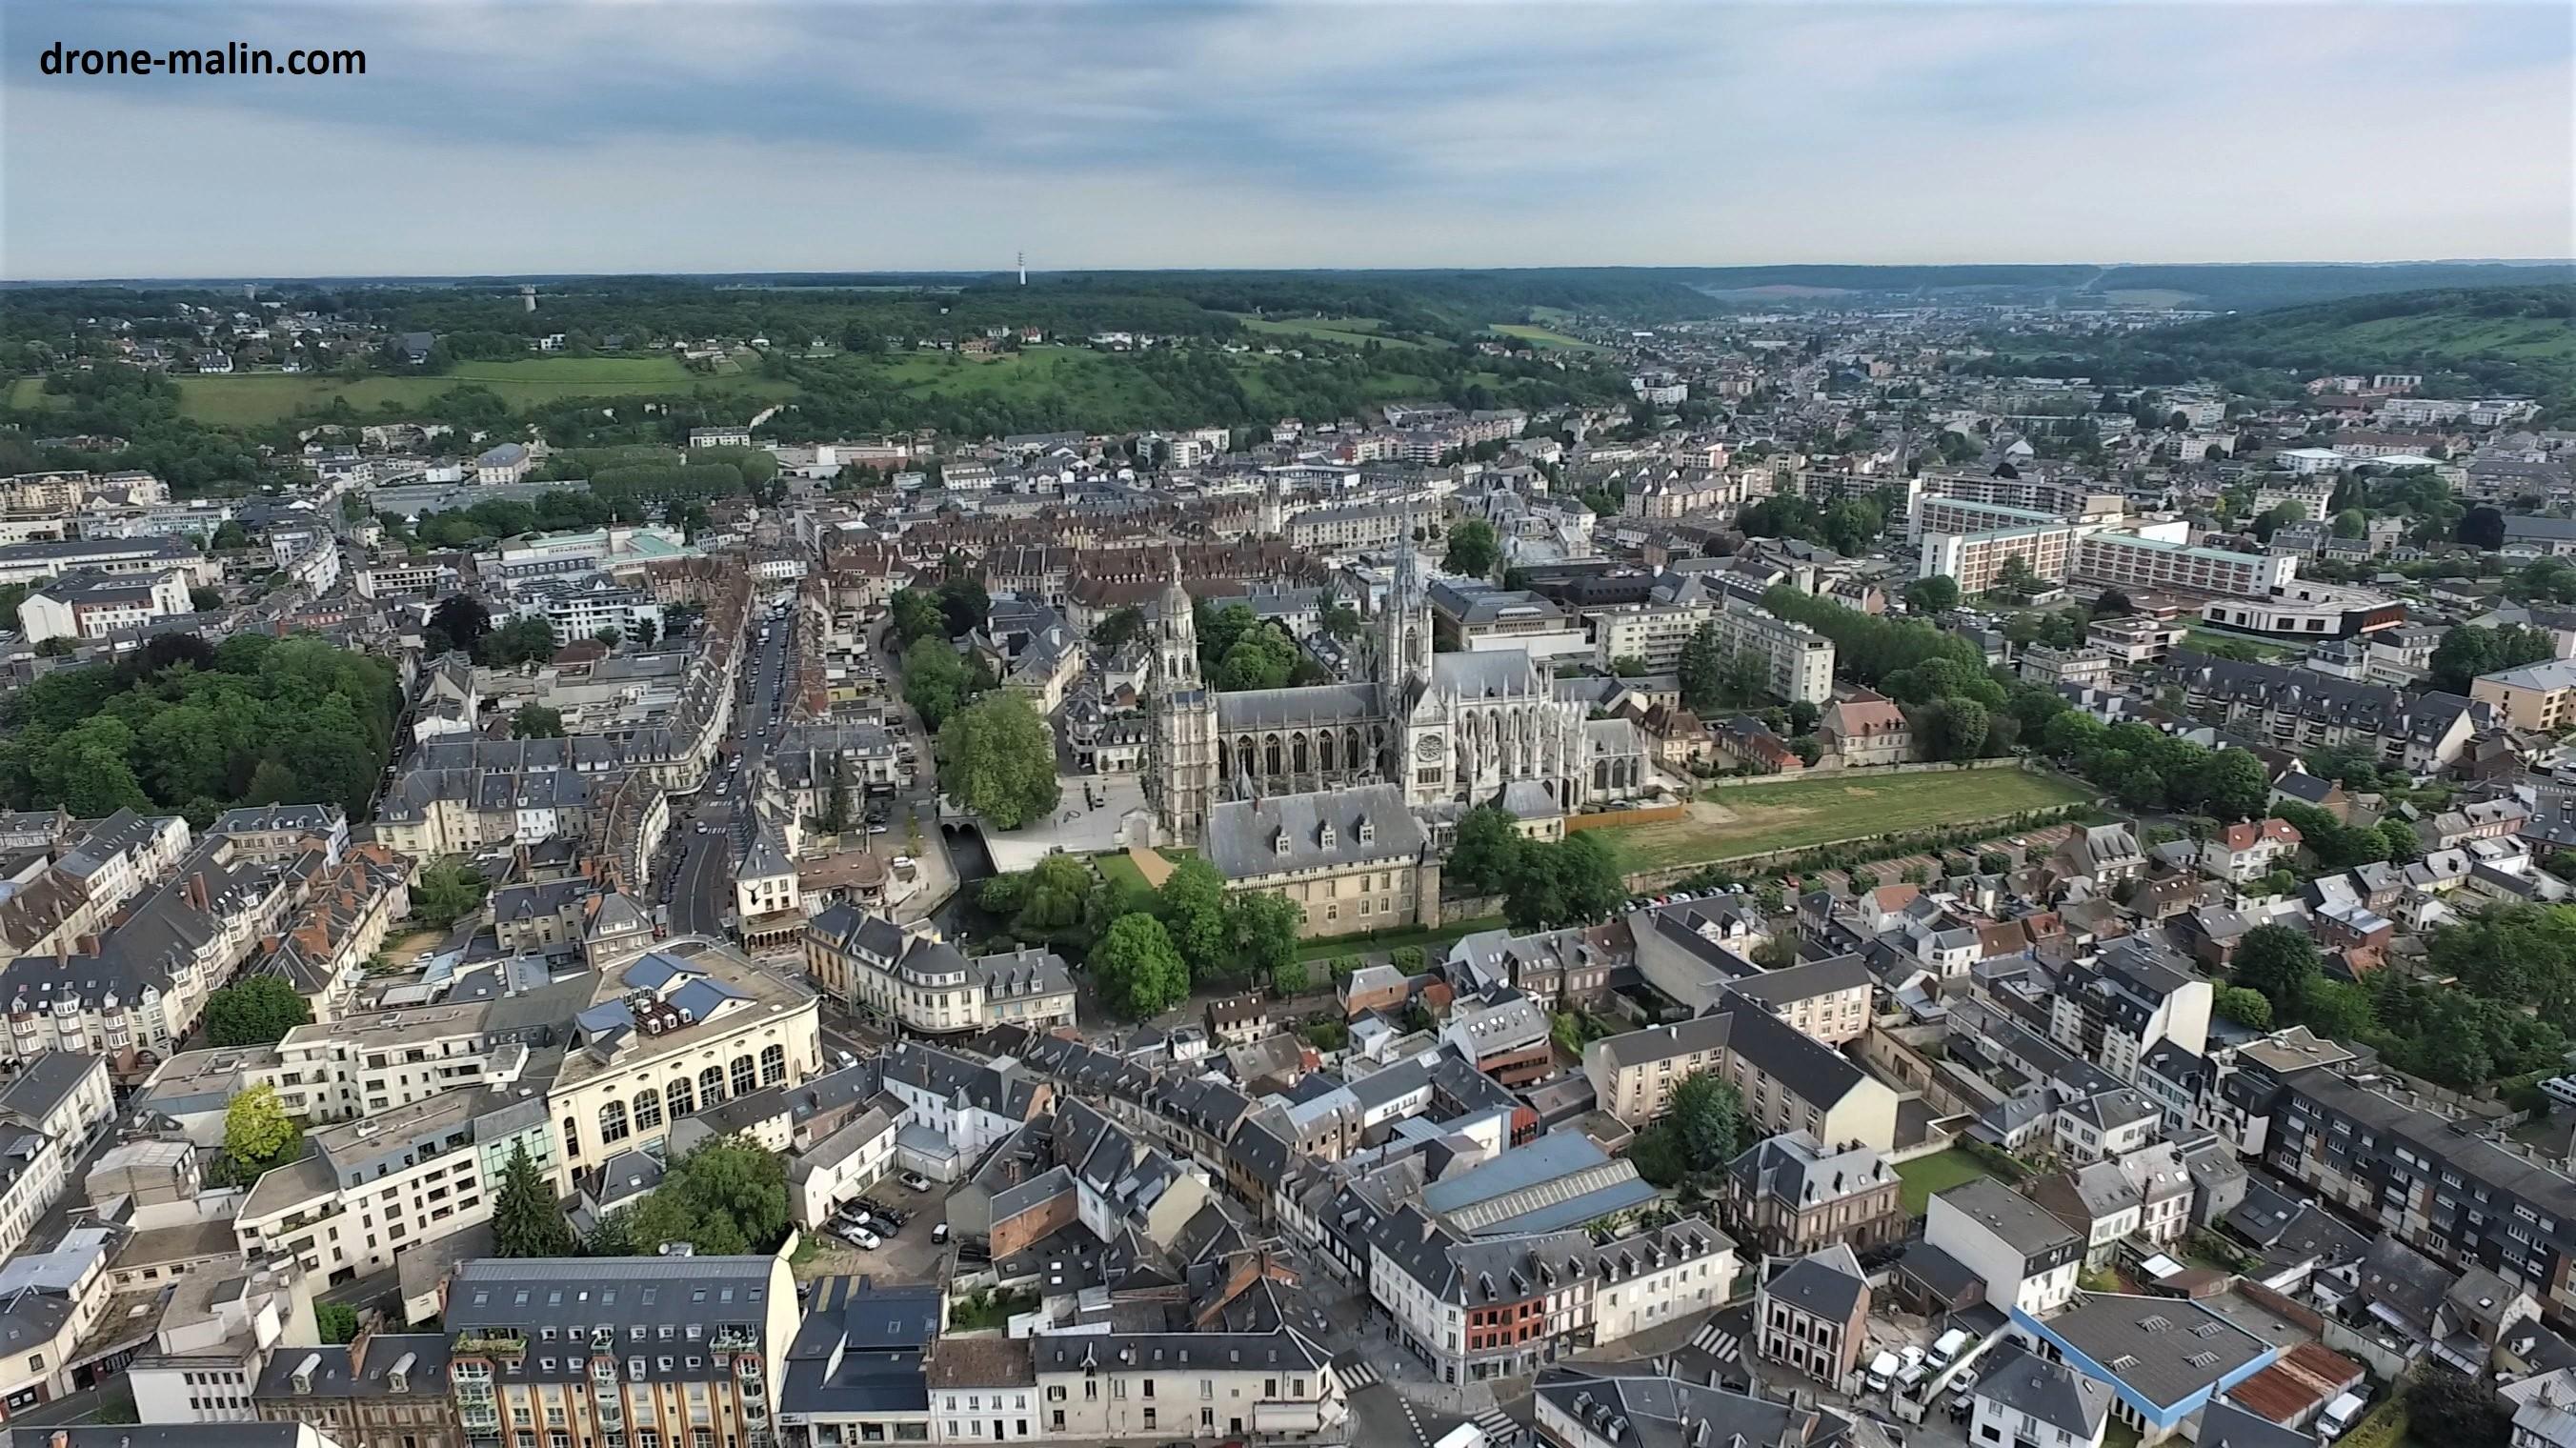 Evreux vue du ciel,  photo aérienne par drone